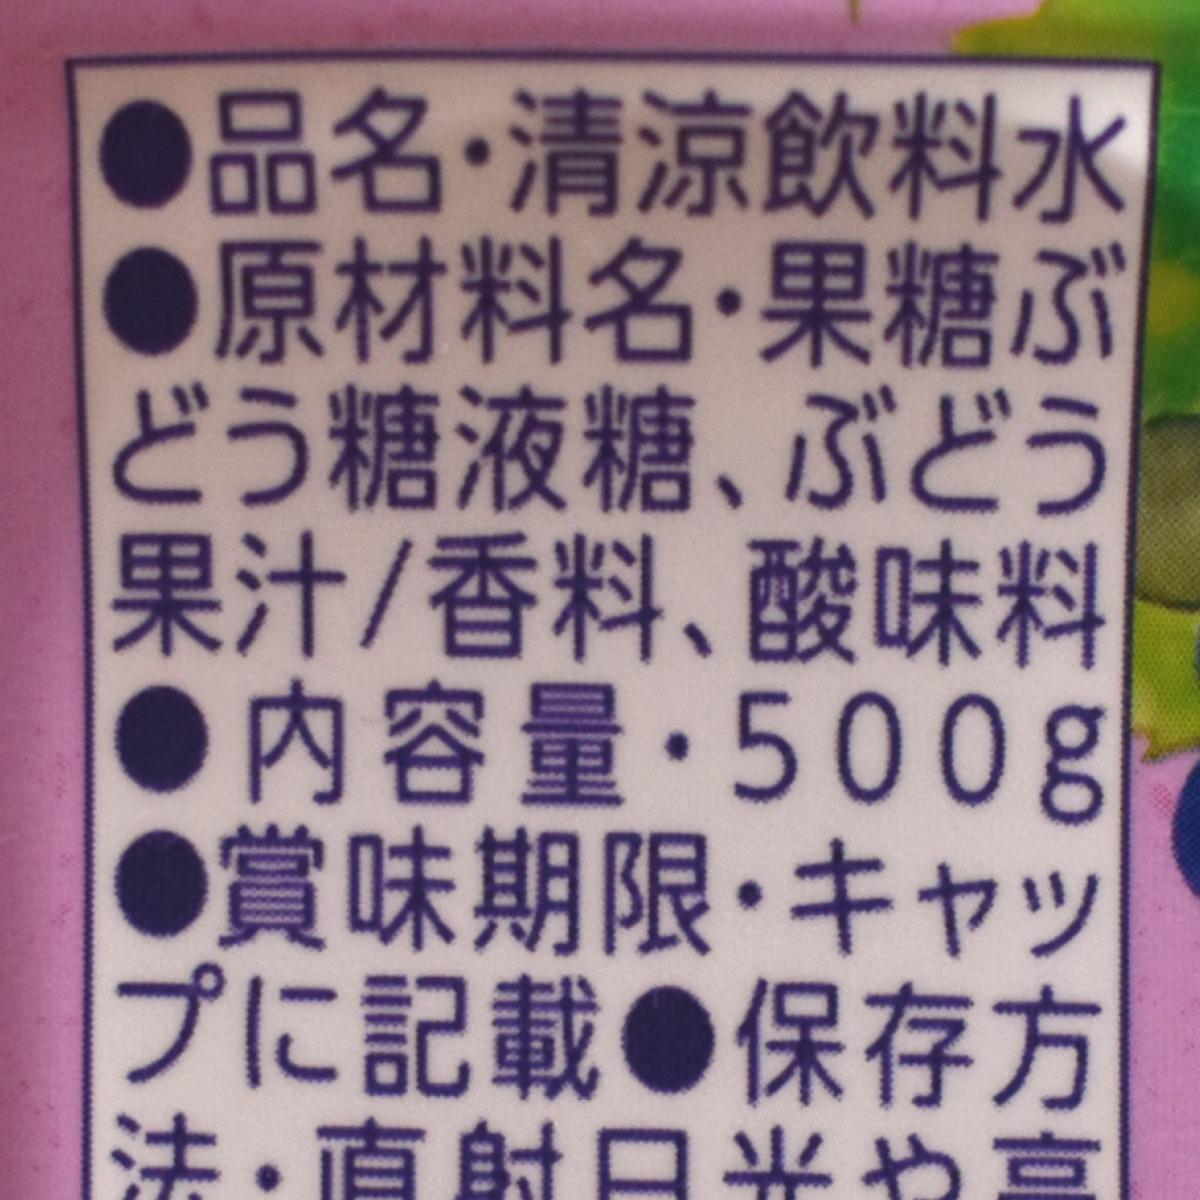 伊藤園日本の果実 3種の国産ぶどうの原材料名